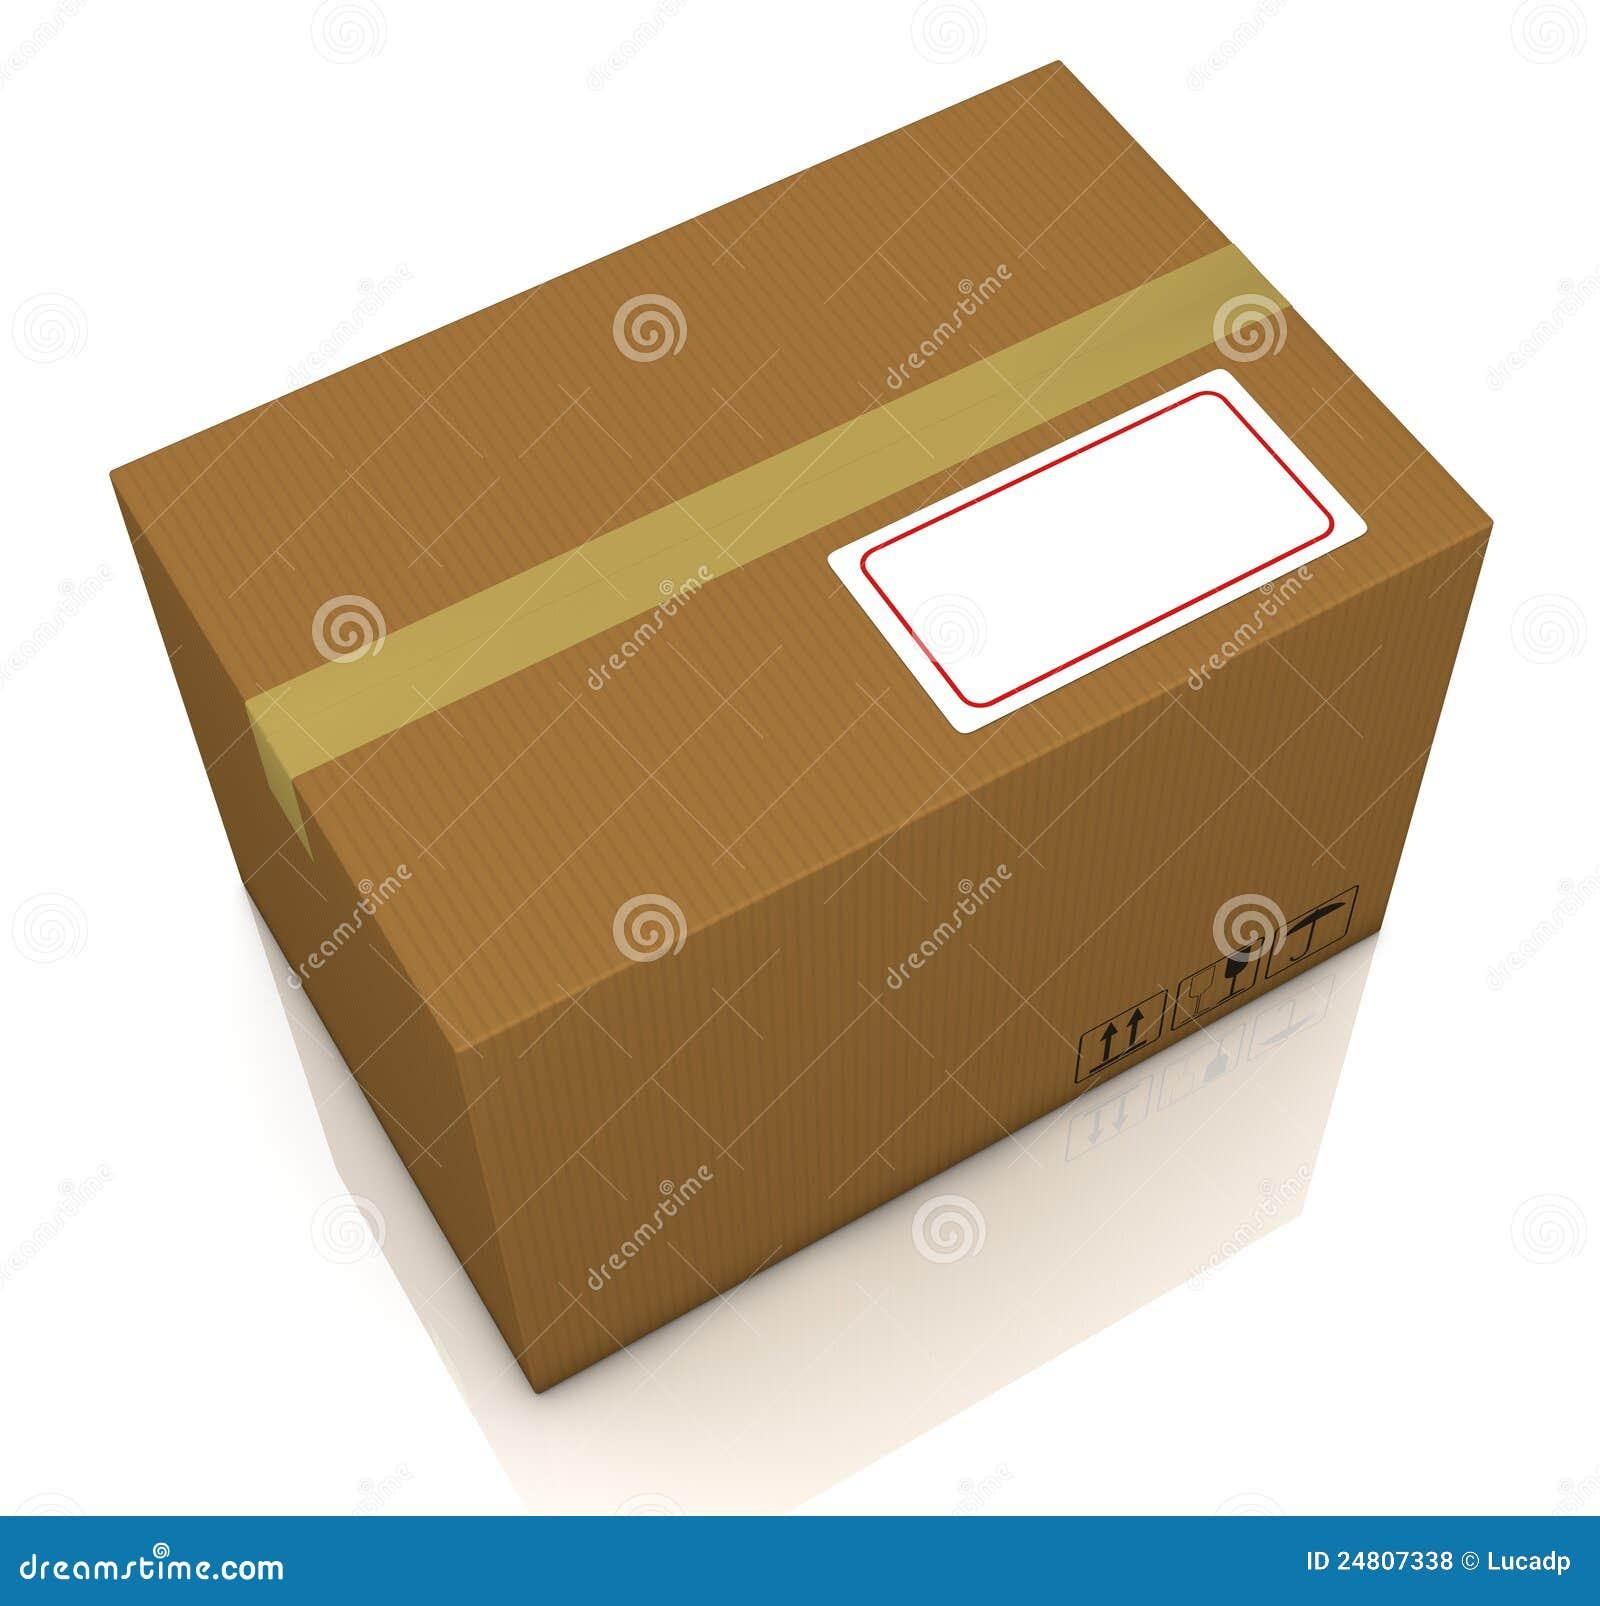 carton box making business plan